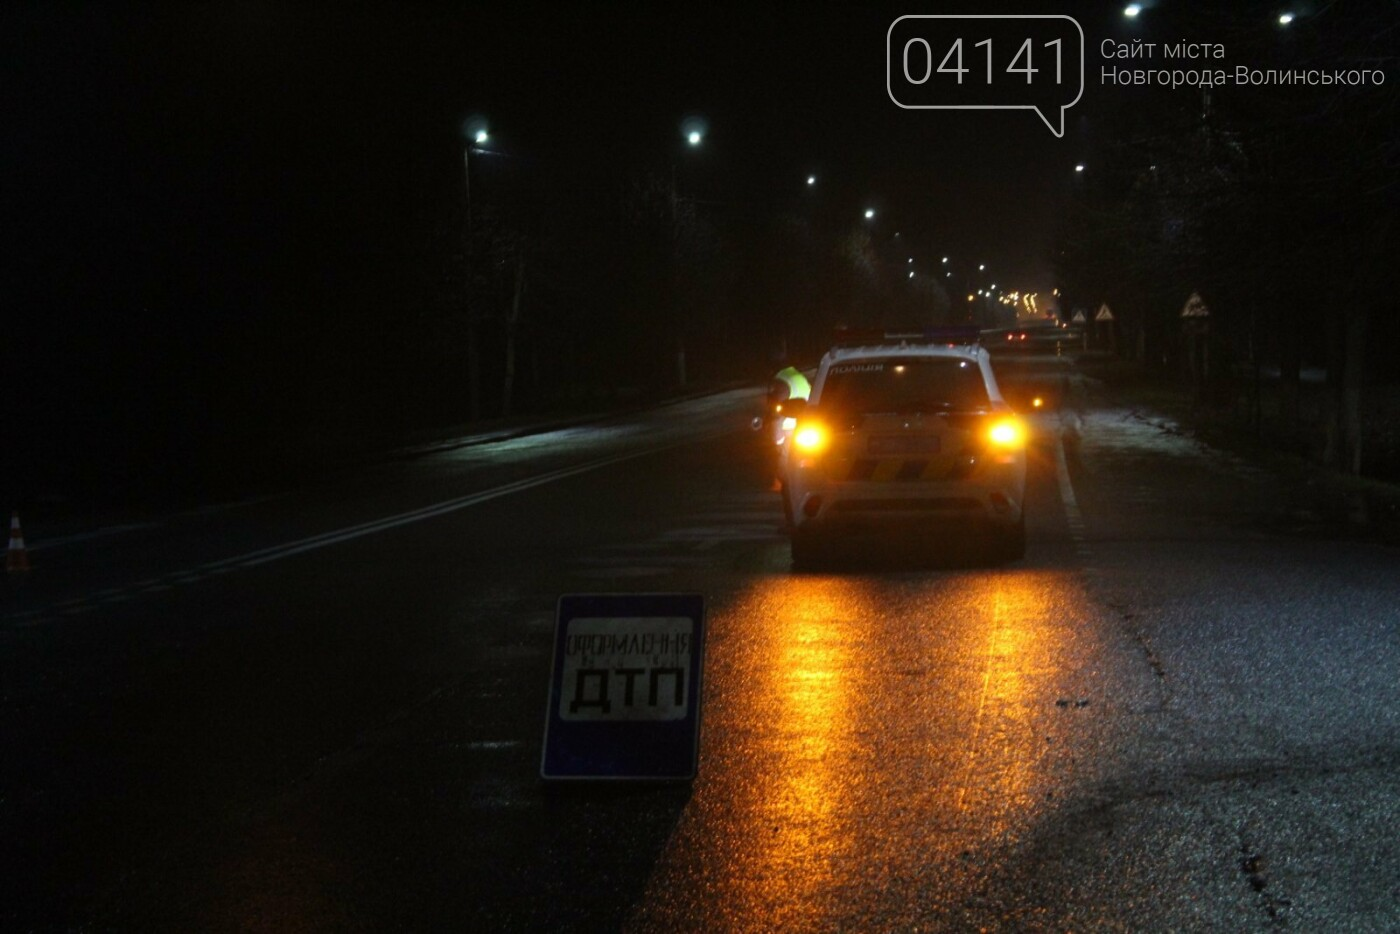 У Новограді водій збив насмерть хлопця та втік з місця пригоди (ФОТО, ВІДЕО з місця ДТП), фото-7